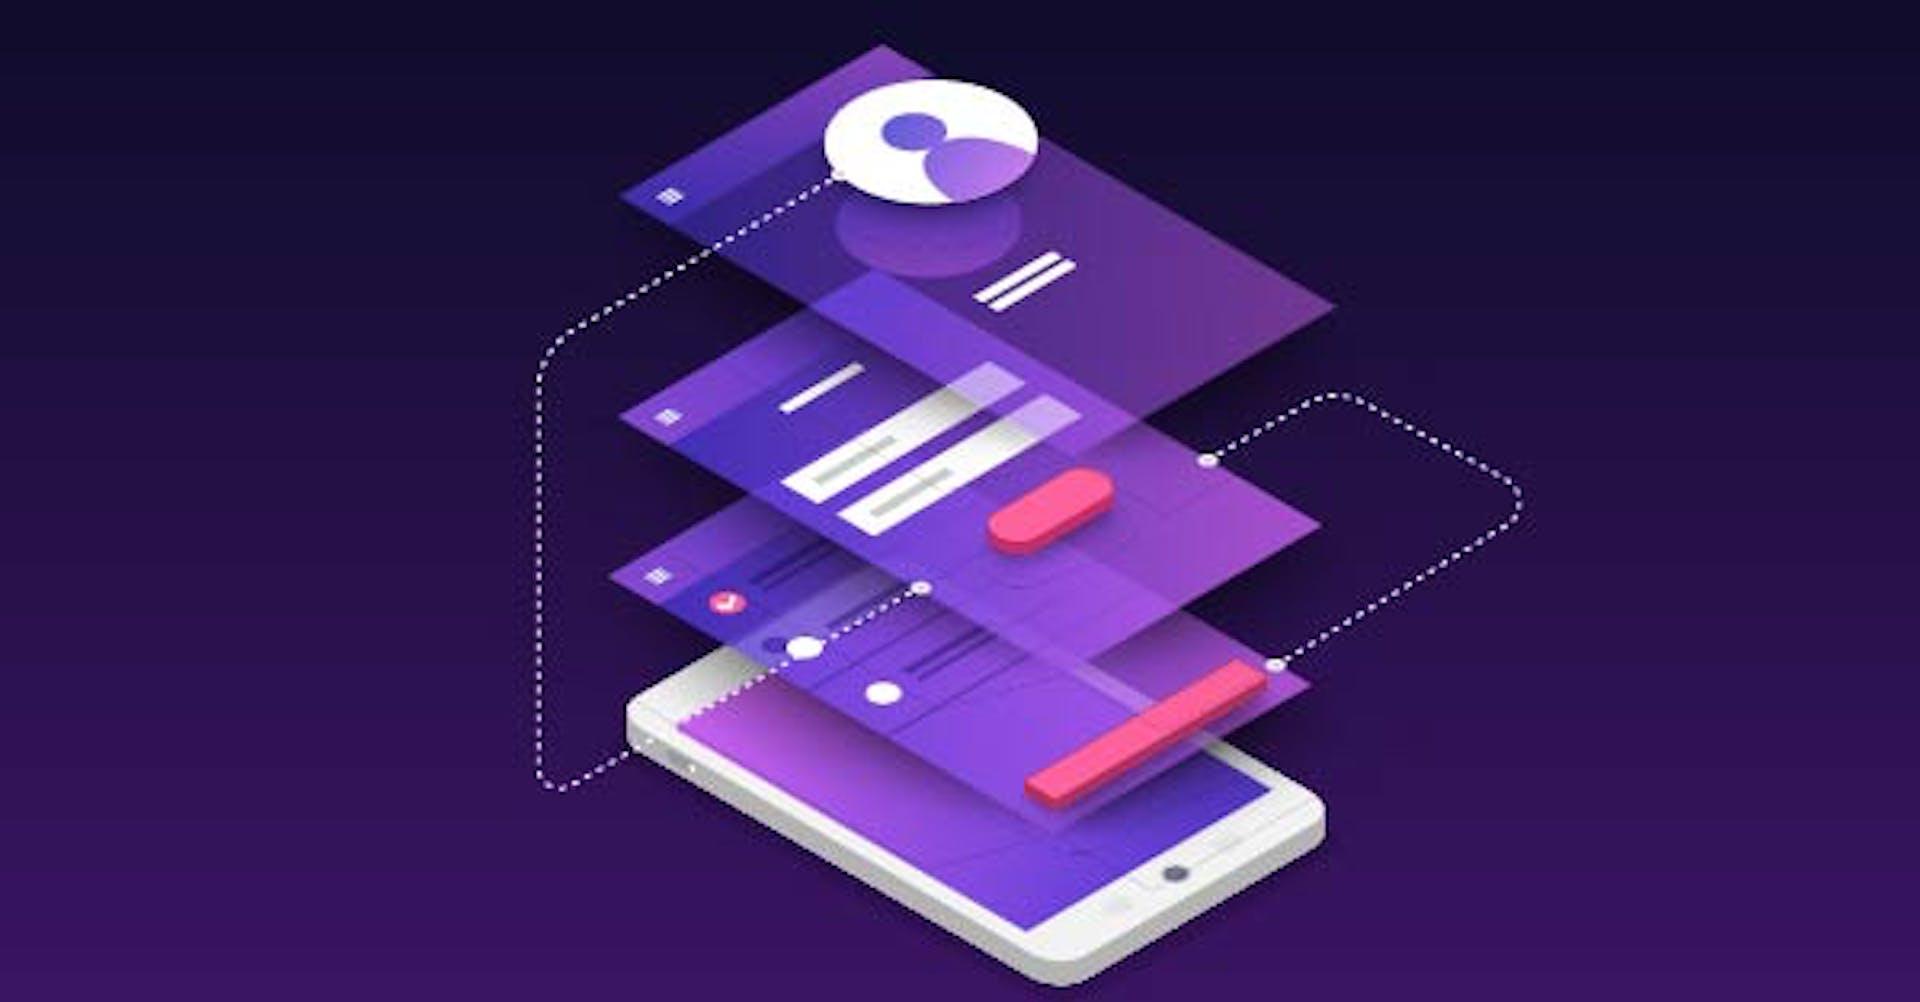 Con estas apps dominarás el UX